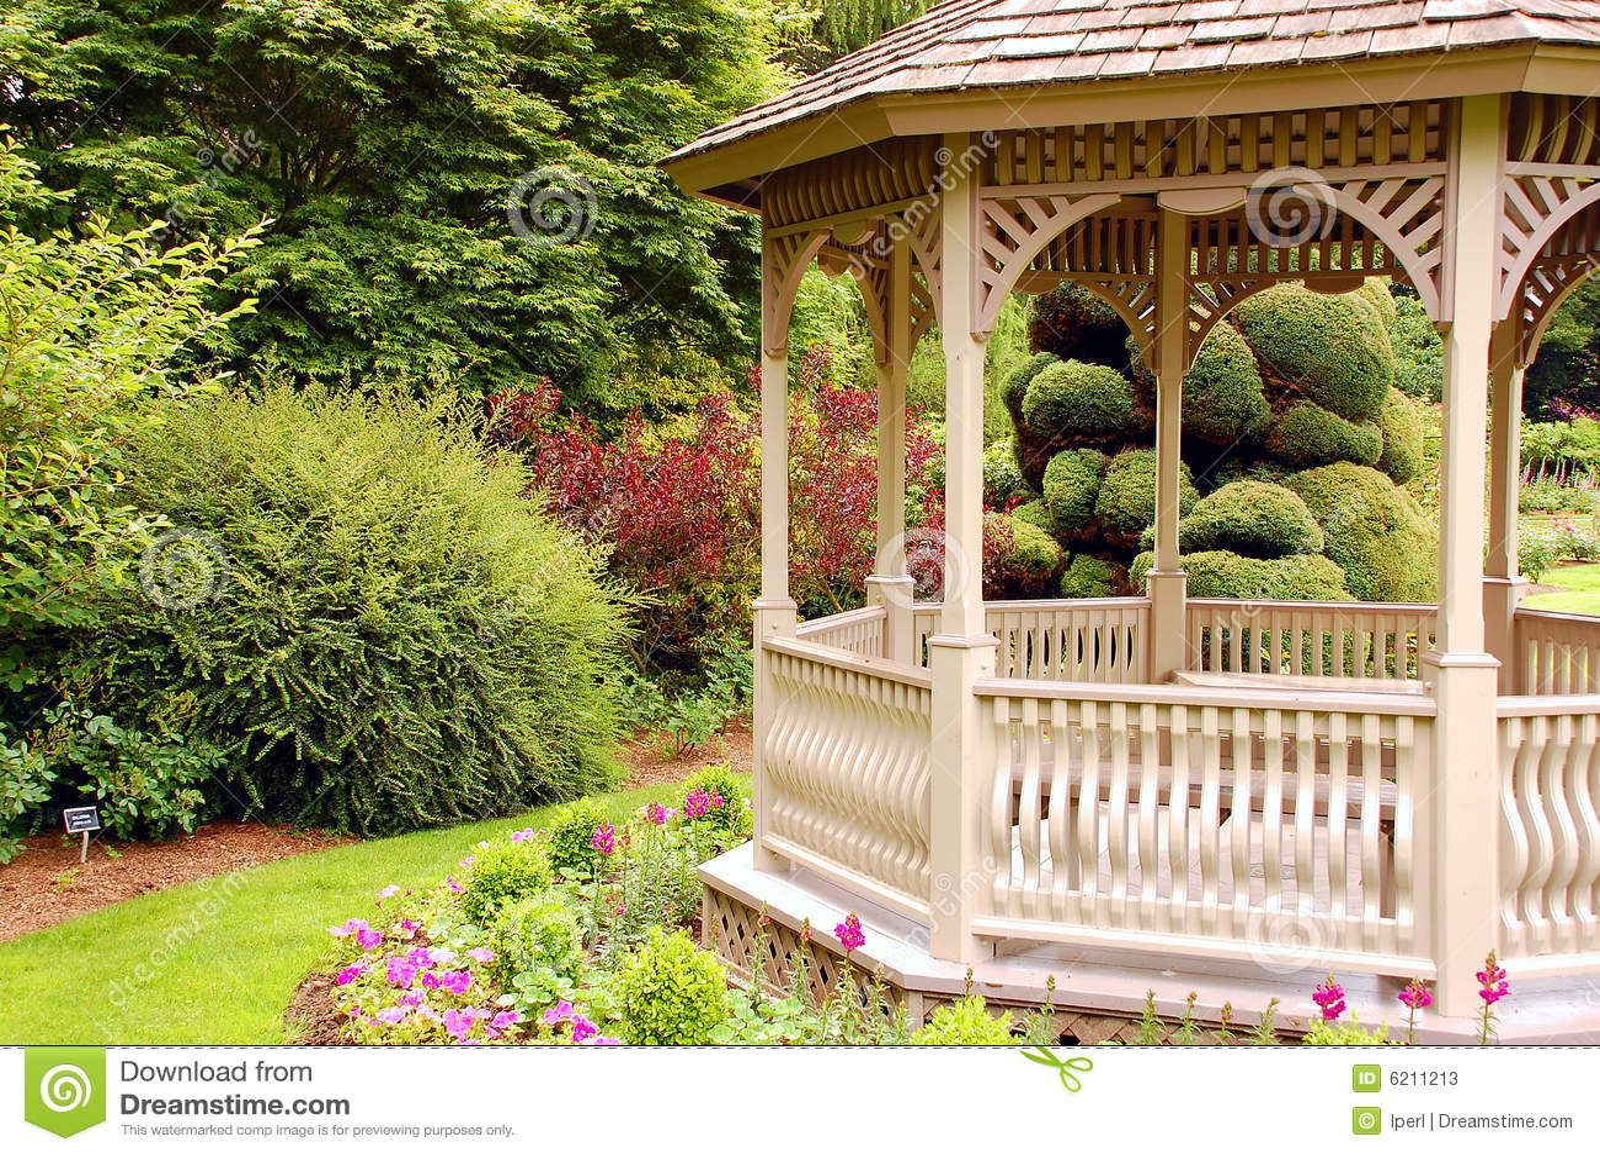 gazebo jardim madeira:Wooden Garden Gazebo